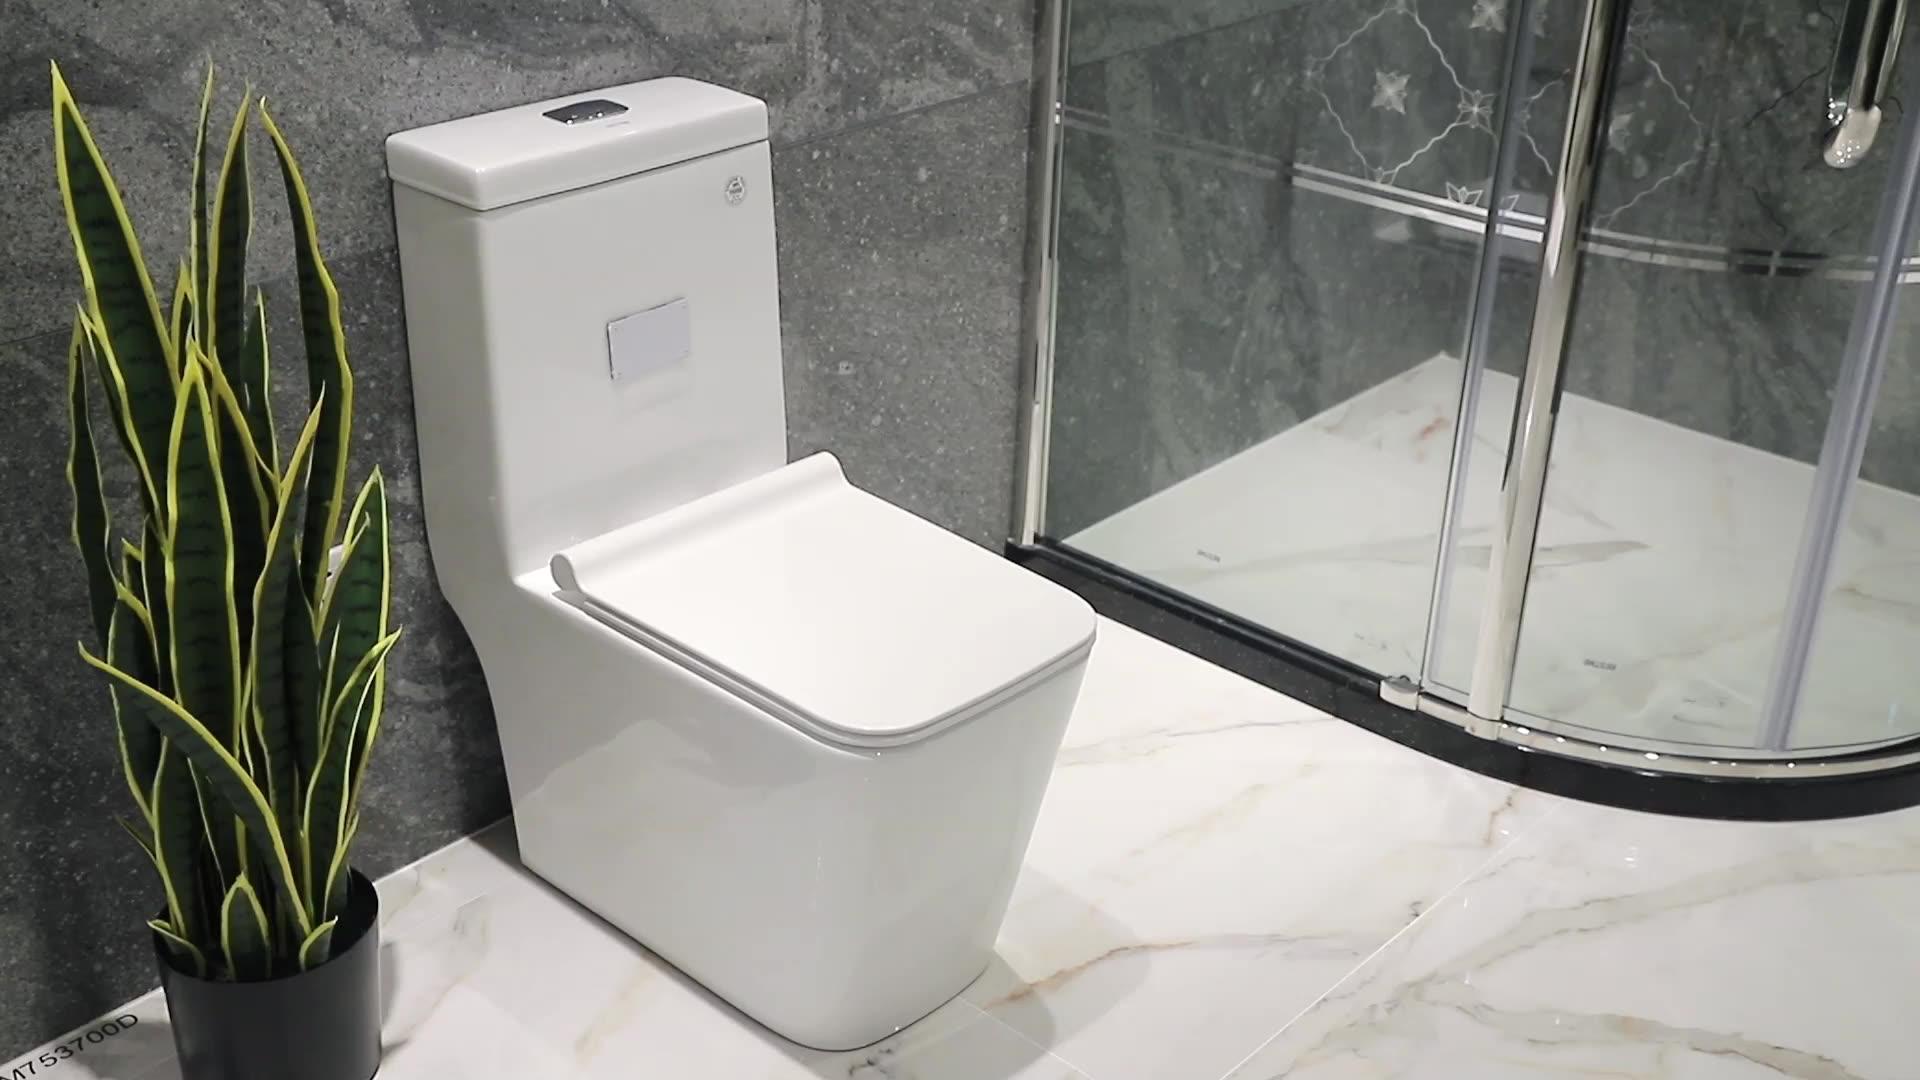 ห้องน้ำอ่างล้างหน้า One Piece ห้องน้ำที่ทันสมัย